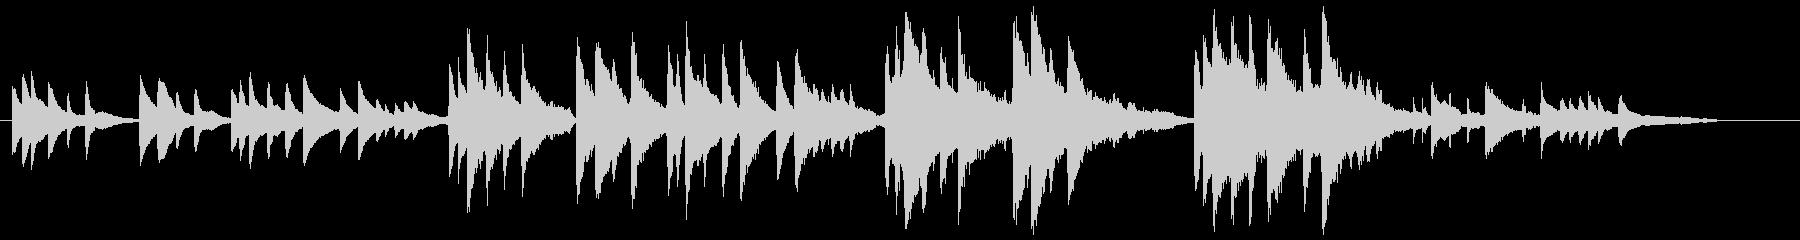 3拍子で1分程の短いピアノ曲の未再生の波形